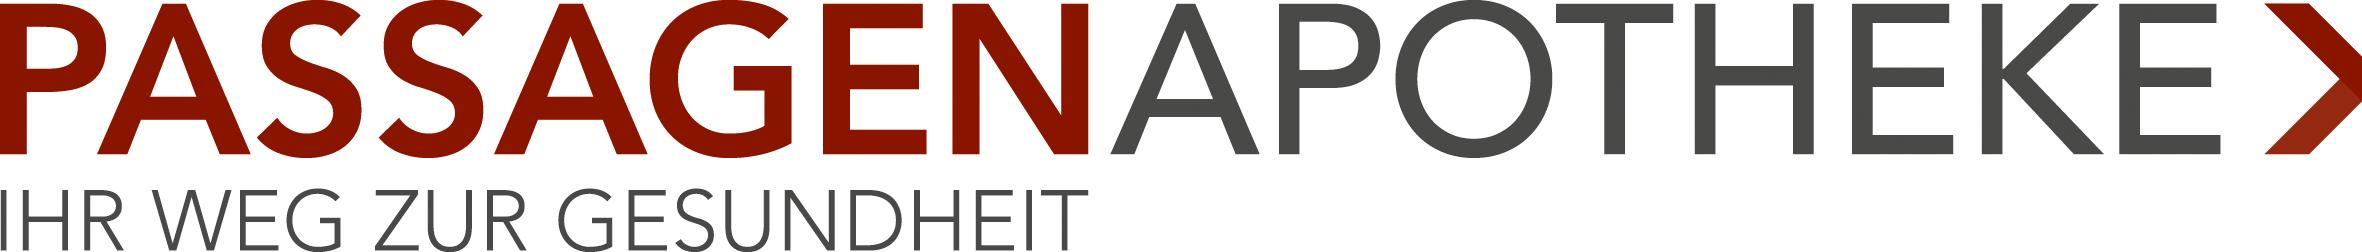 Logo der Passagen-Apotheke